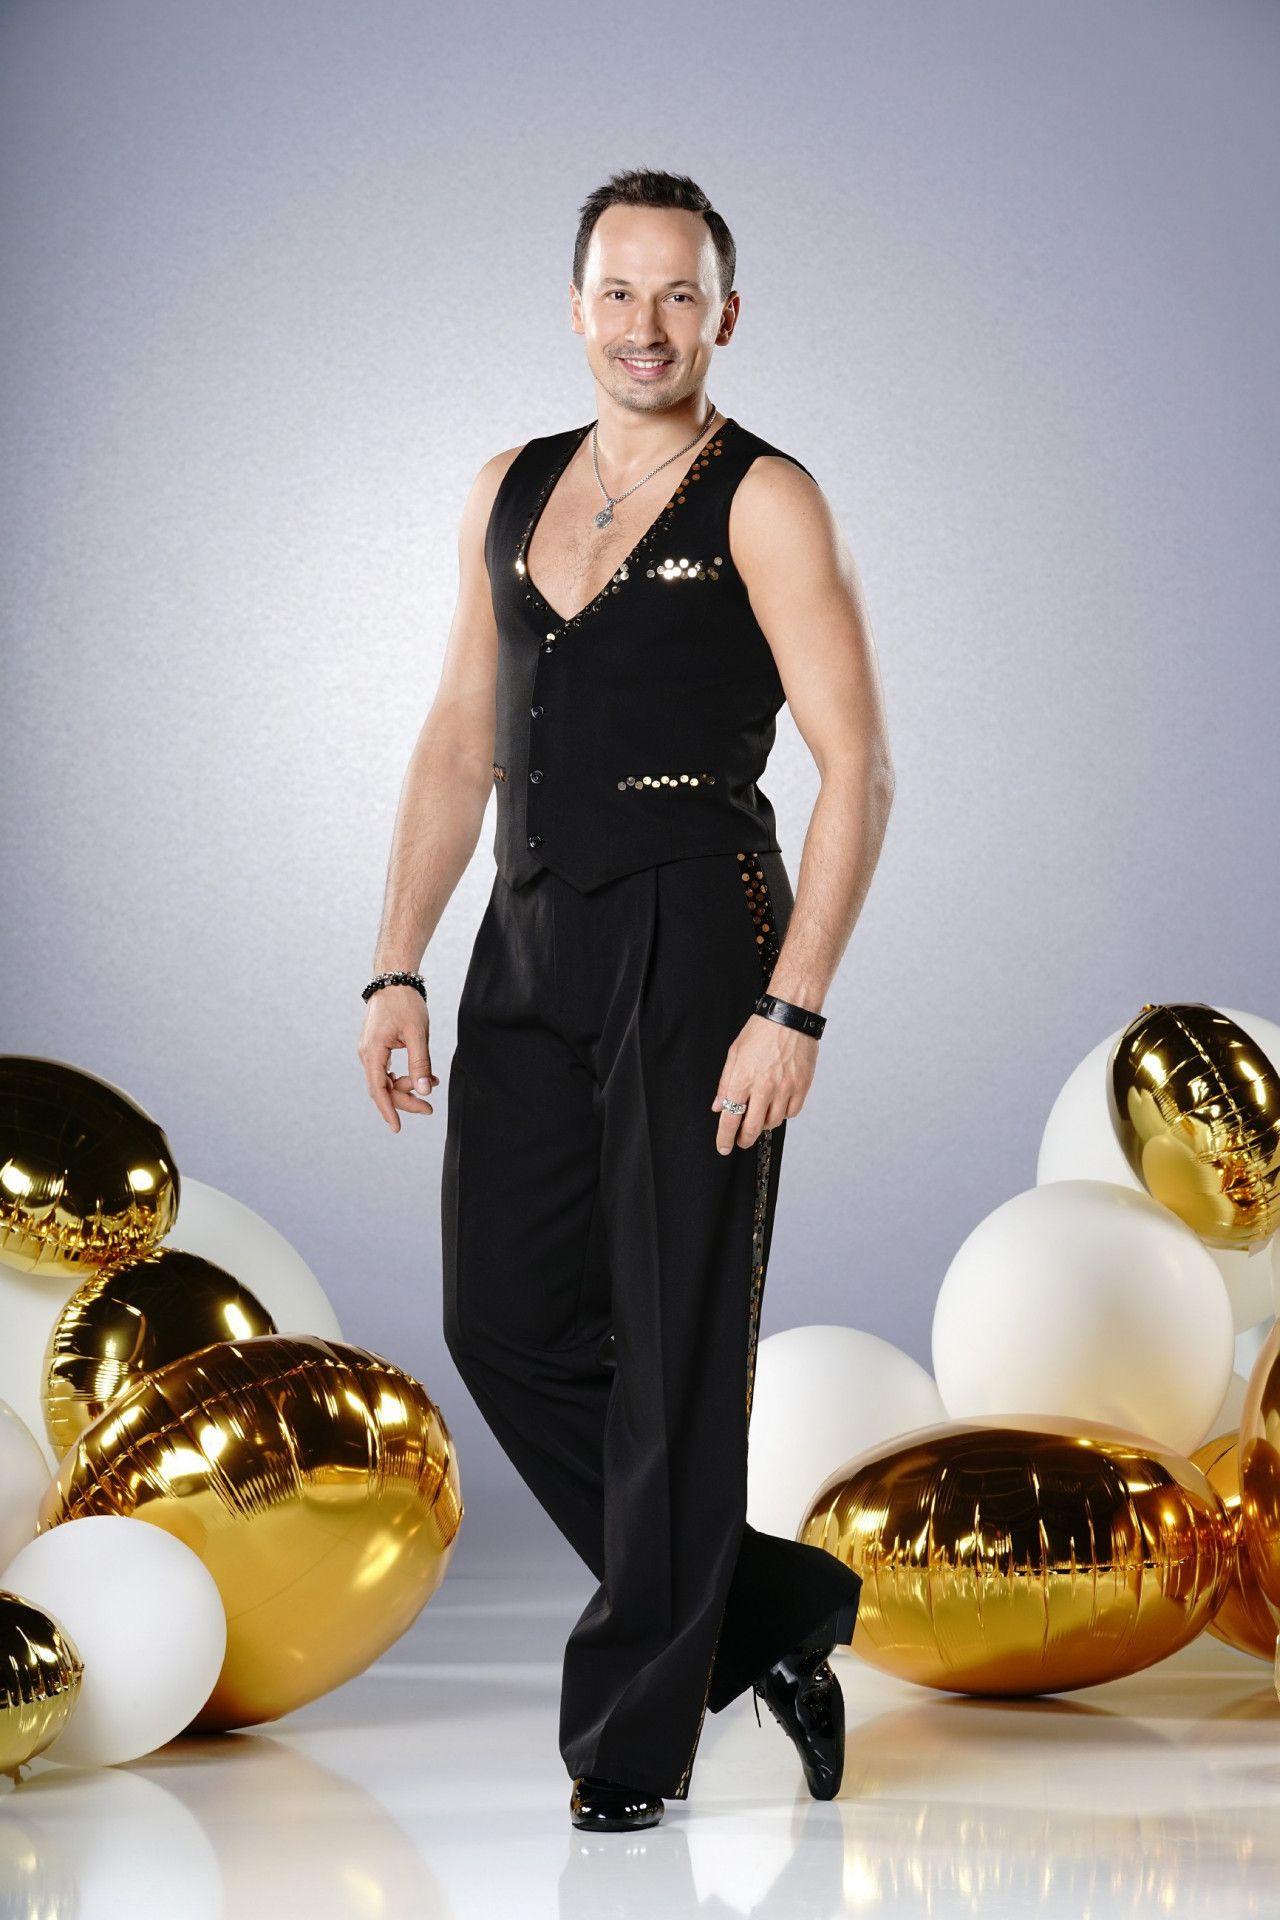 Der rumänische Tanzprofi Sergiu Luca nahm 2008 zum ersten Mal bei der Tanzshow Teil. In der Jubiläumsstaffel tanzte er mit Ann-Kathrin Brömmel.